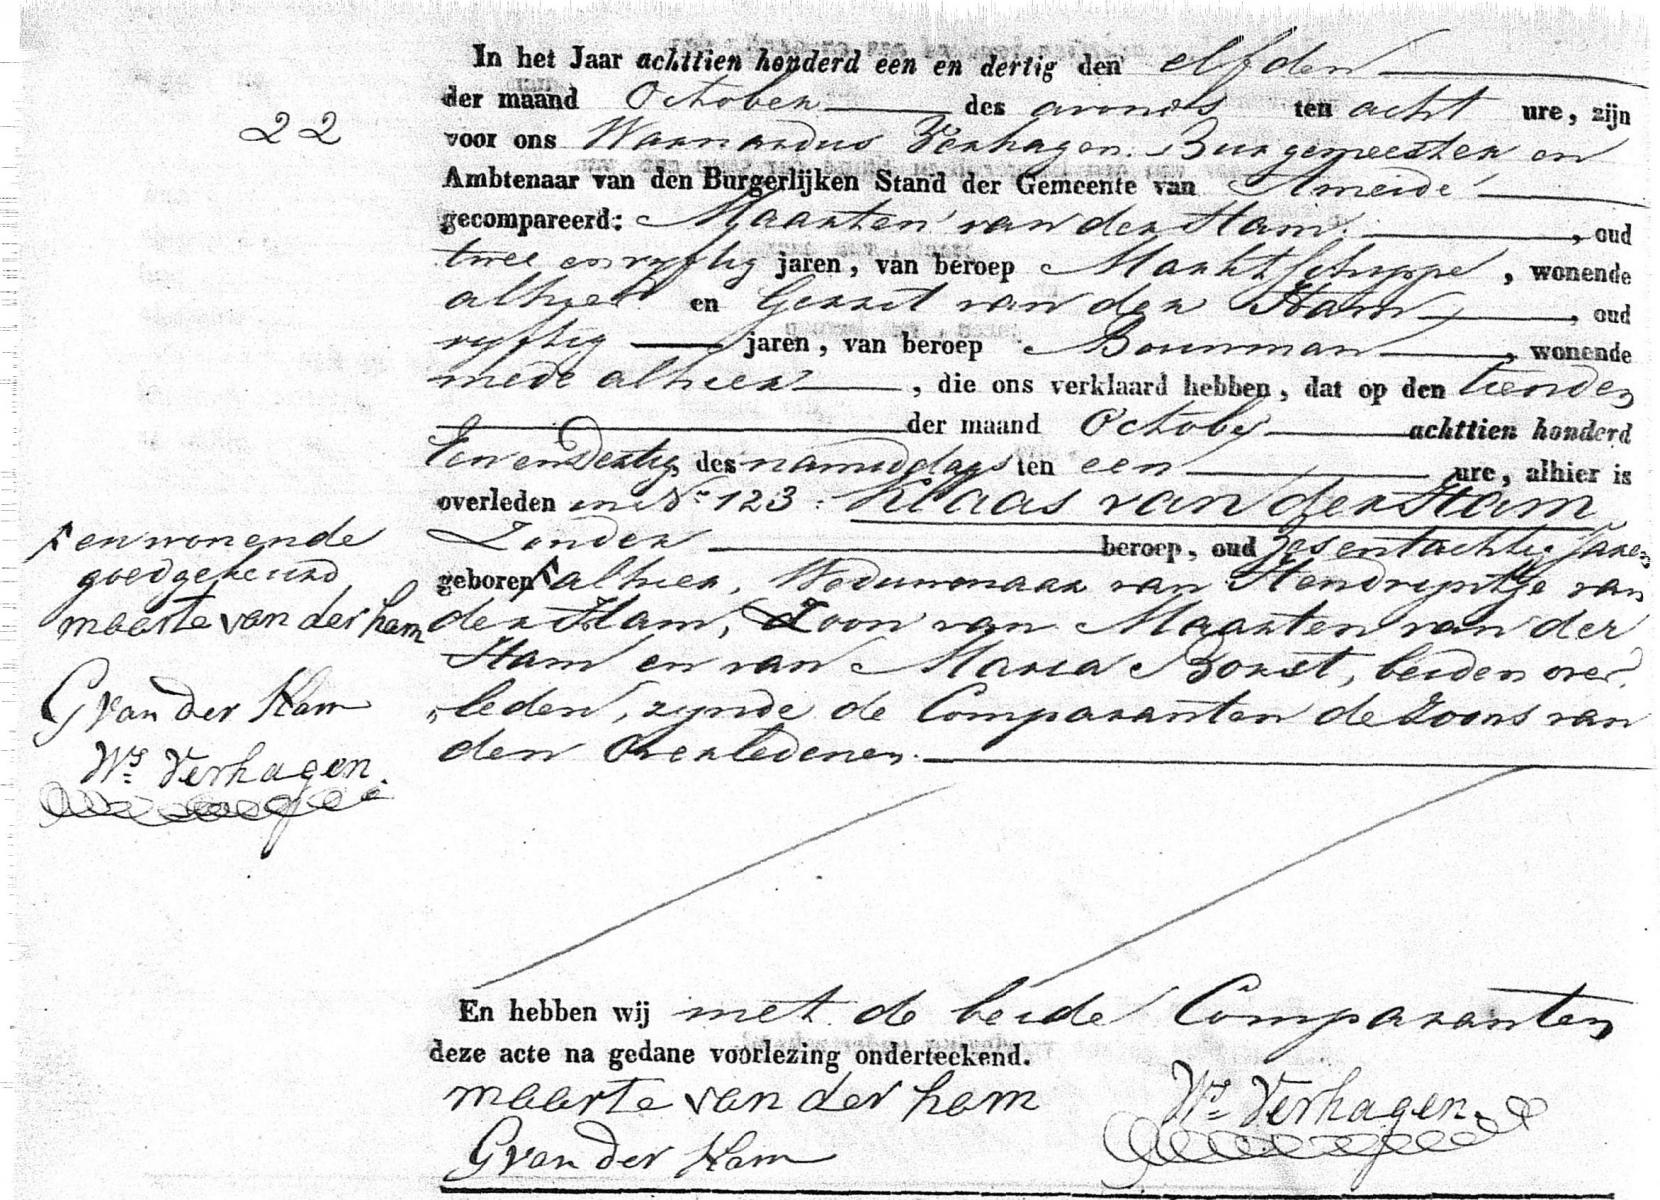 Ham-Klaas-Mz-van-der-overl.-10-10-1831